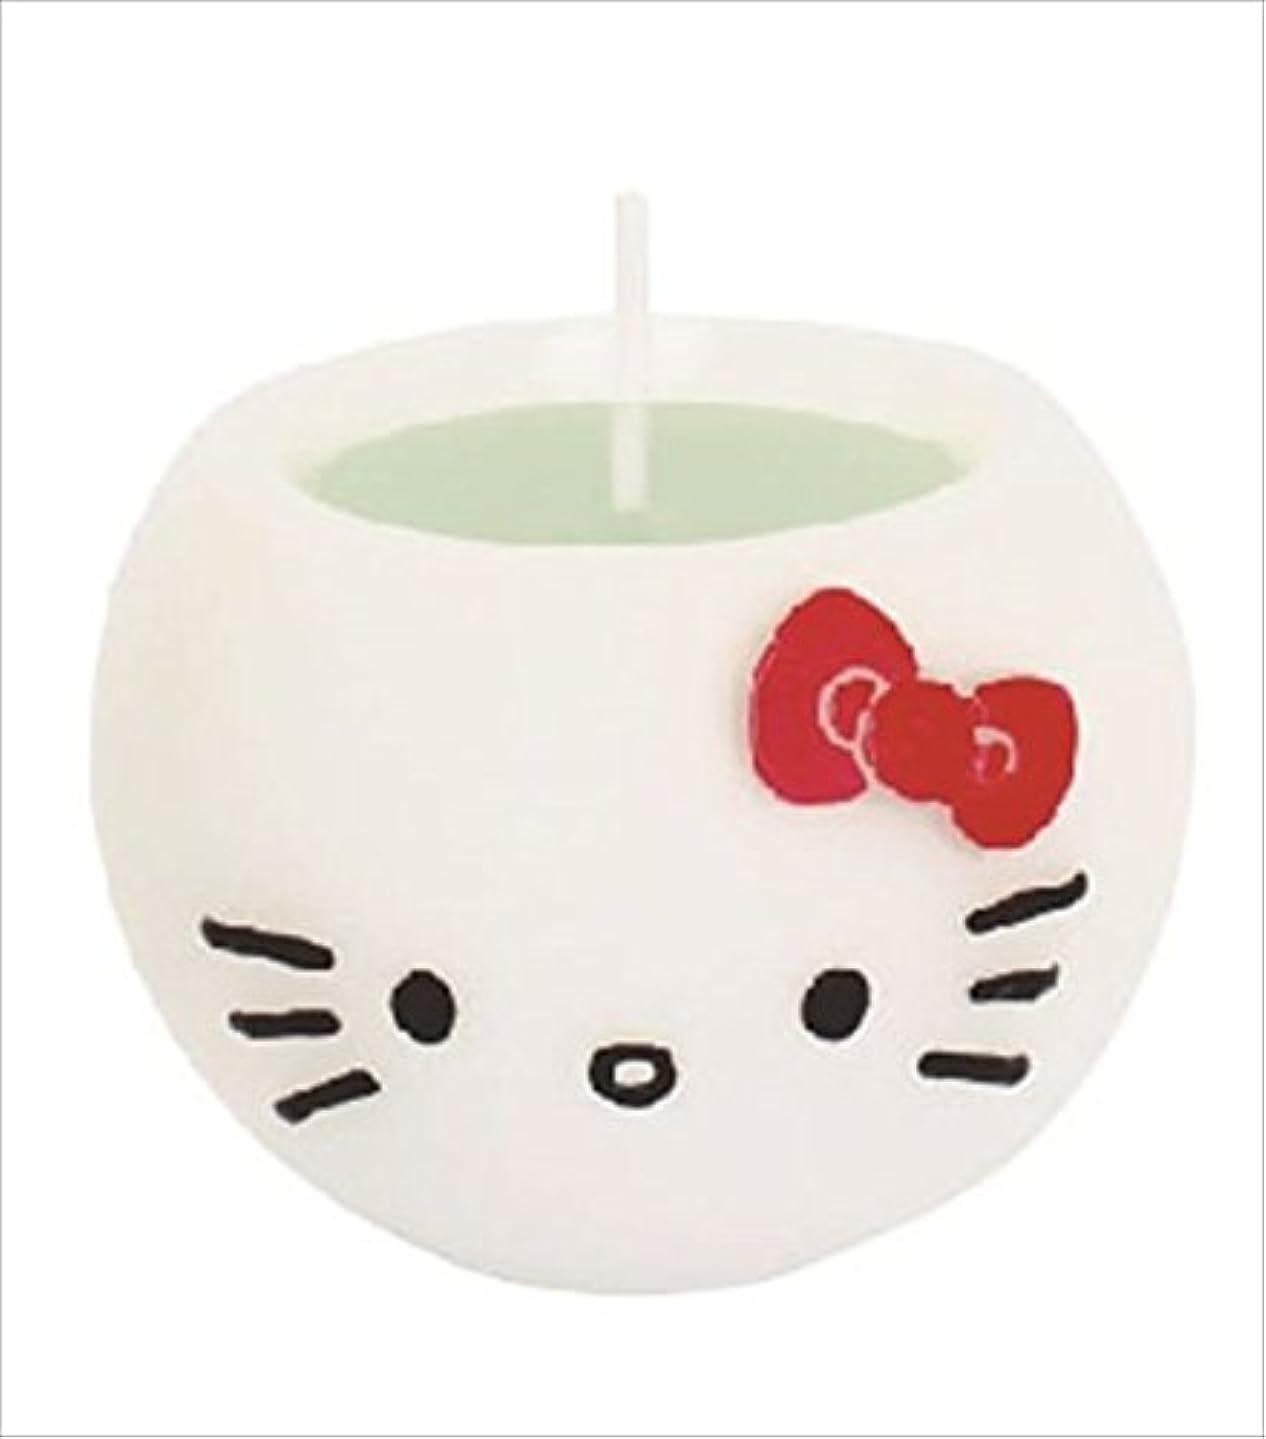 悔い改める寛解マティスkameyama candle(カメヤマキャンドル) ハローキティアロマキャンドル 「 アップル 」 キャンドル 58x58x45mm (A6980530)